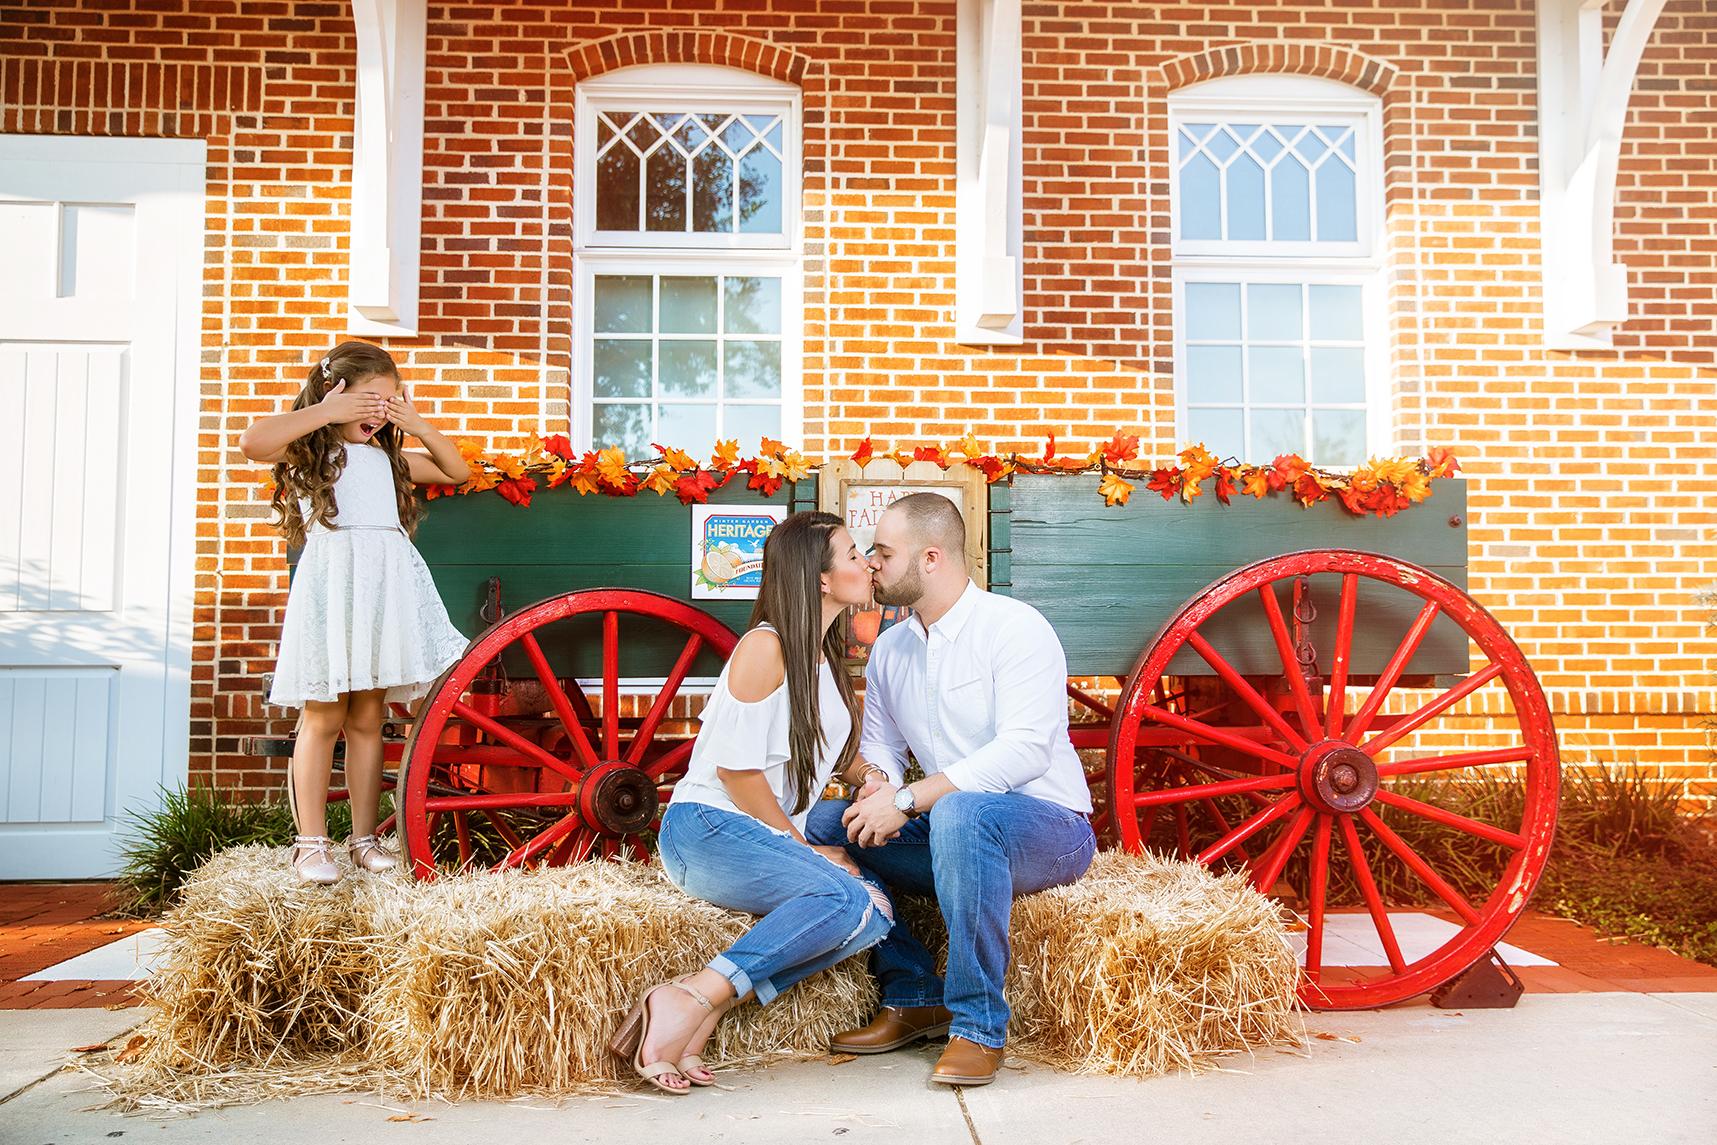 DBatista Photography_Engagement Photos_Orlando Florida_Winter Garden